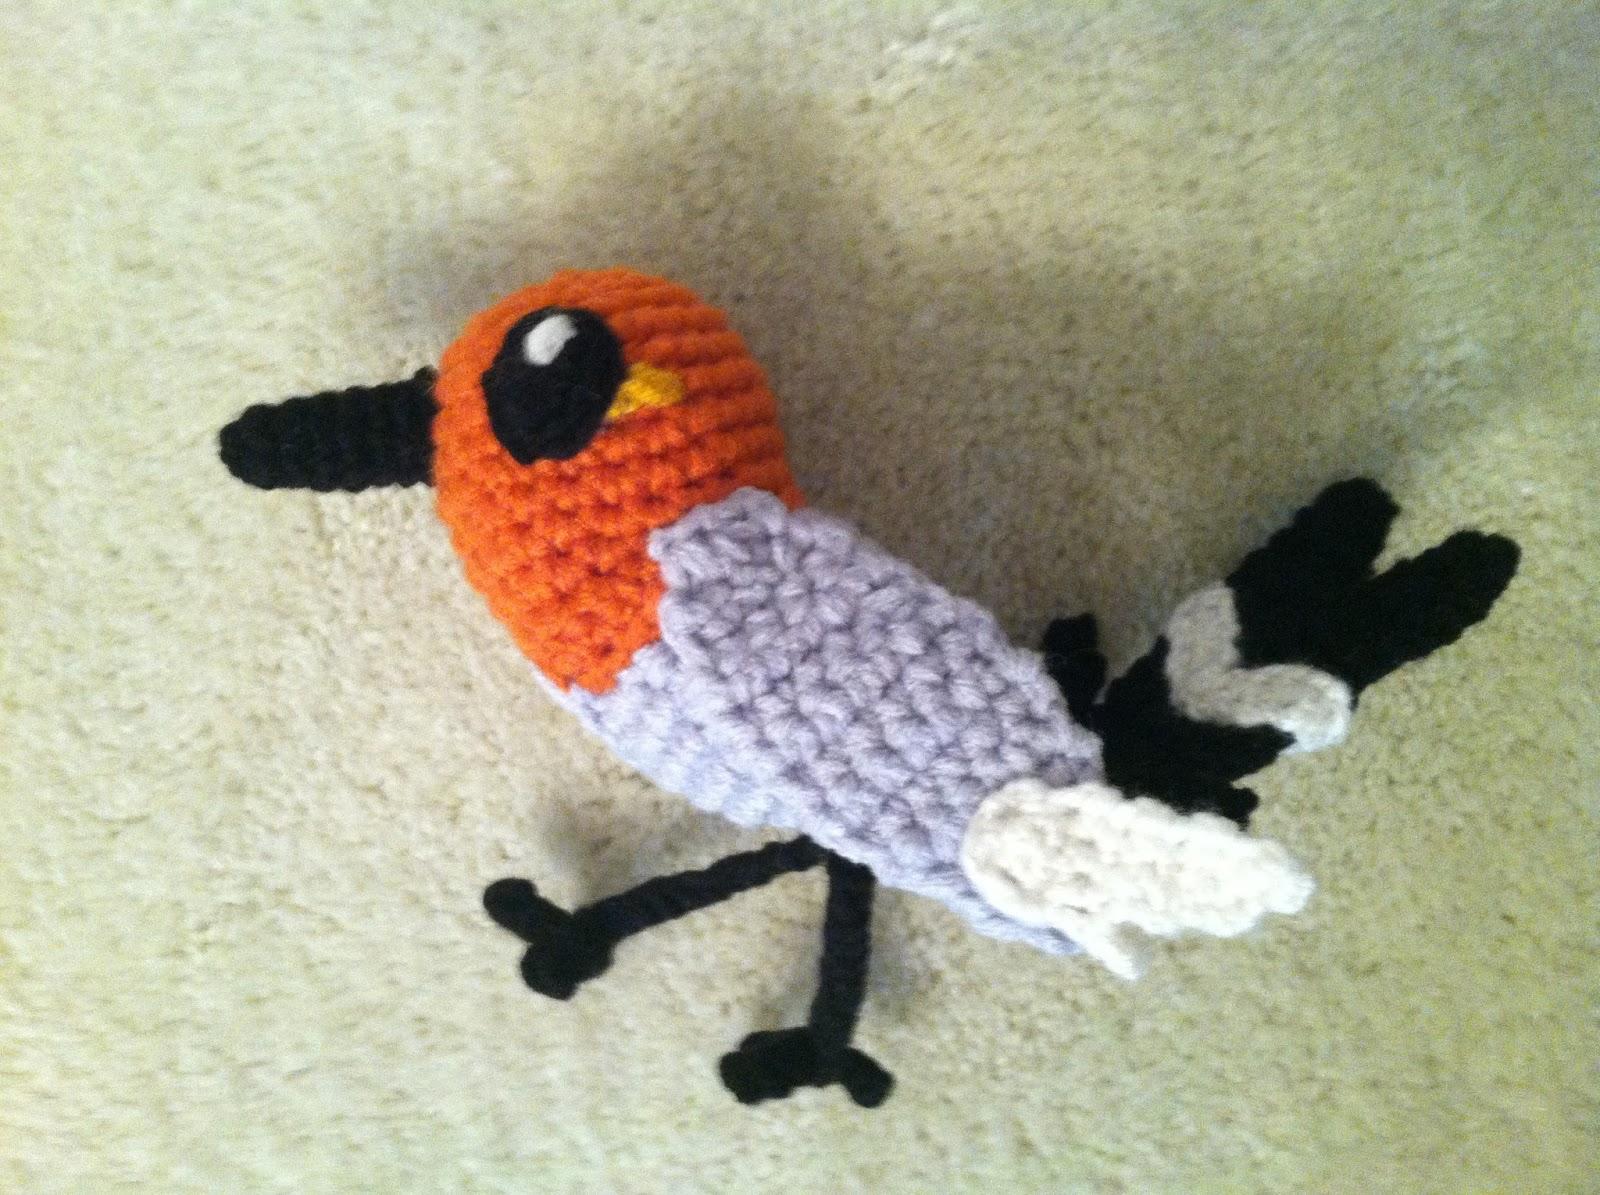 Heart in flight crochet fletchling crochet pattern fletchling crochet pattern bankloansurffo Choice Image